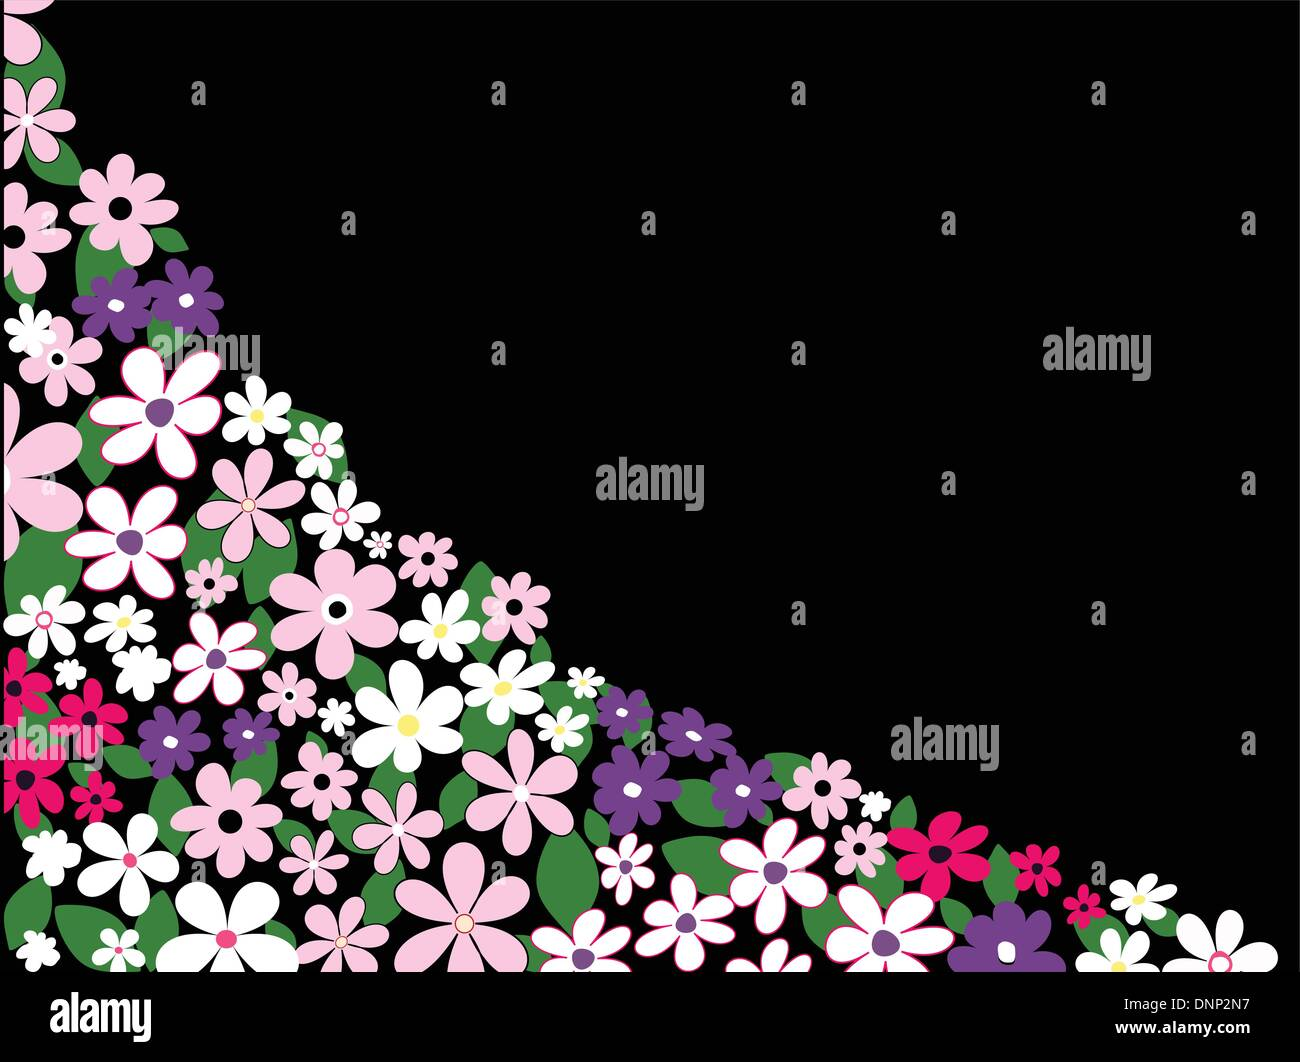 Fondo de flores de verano Imagen De Stock